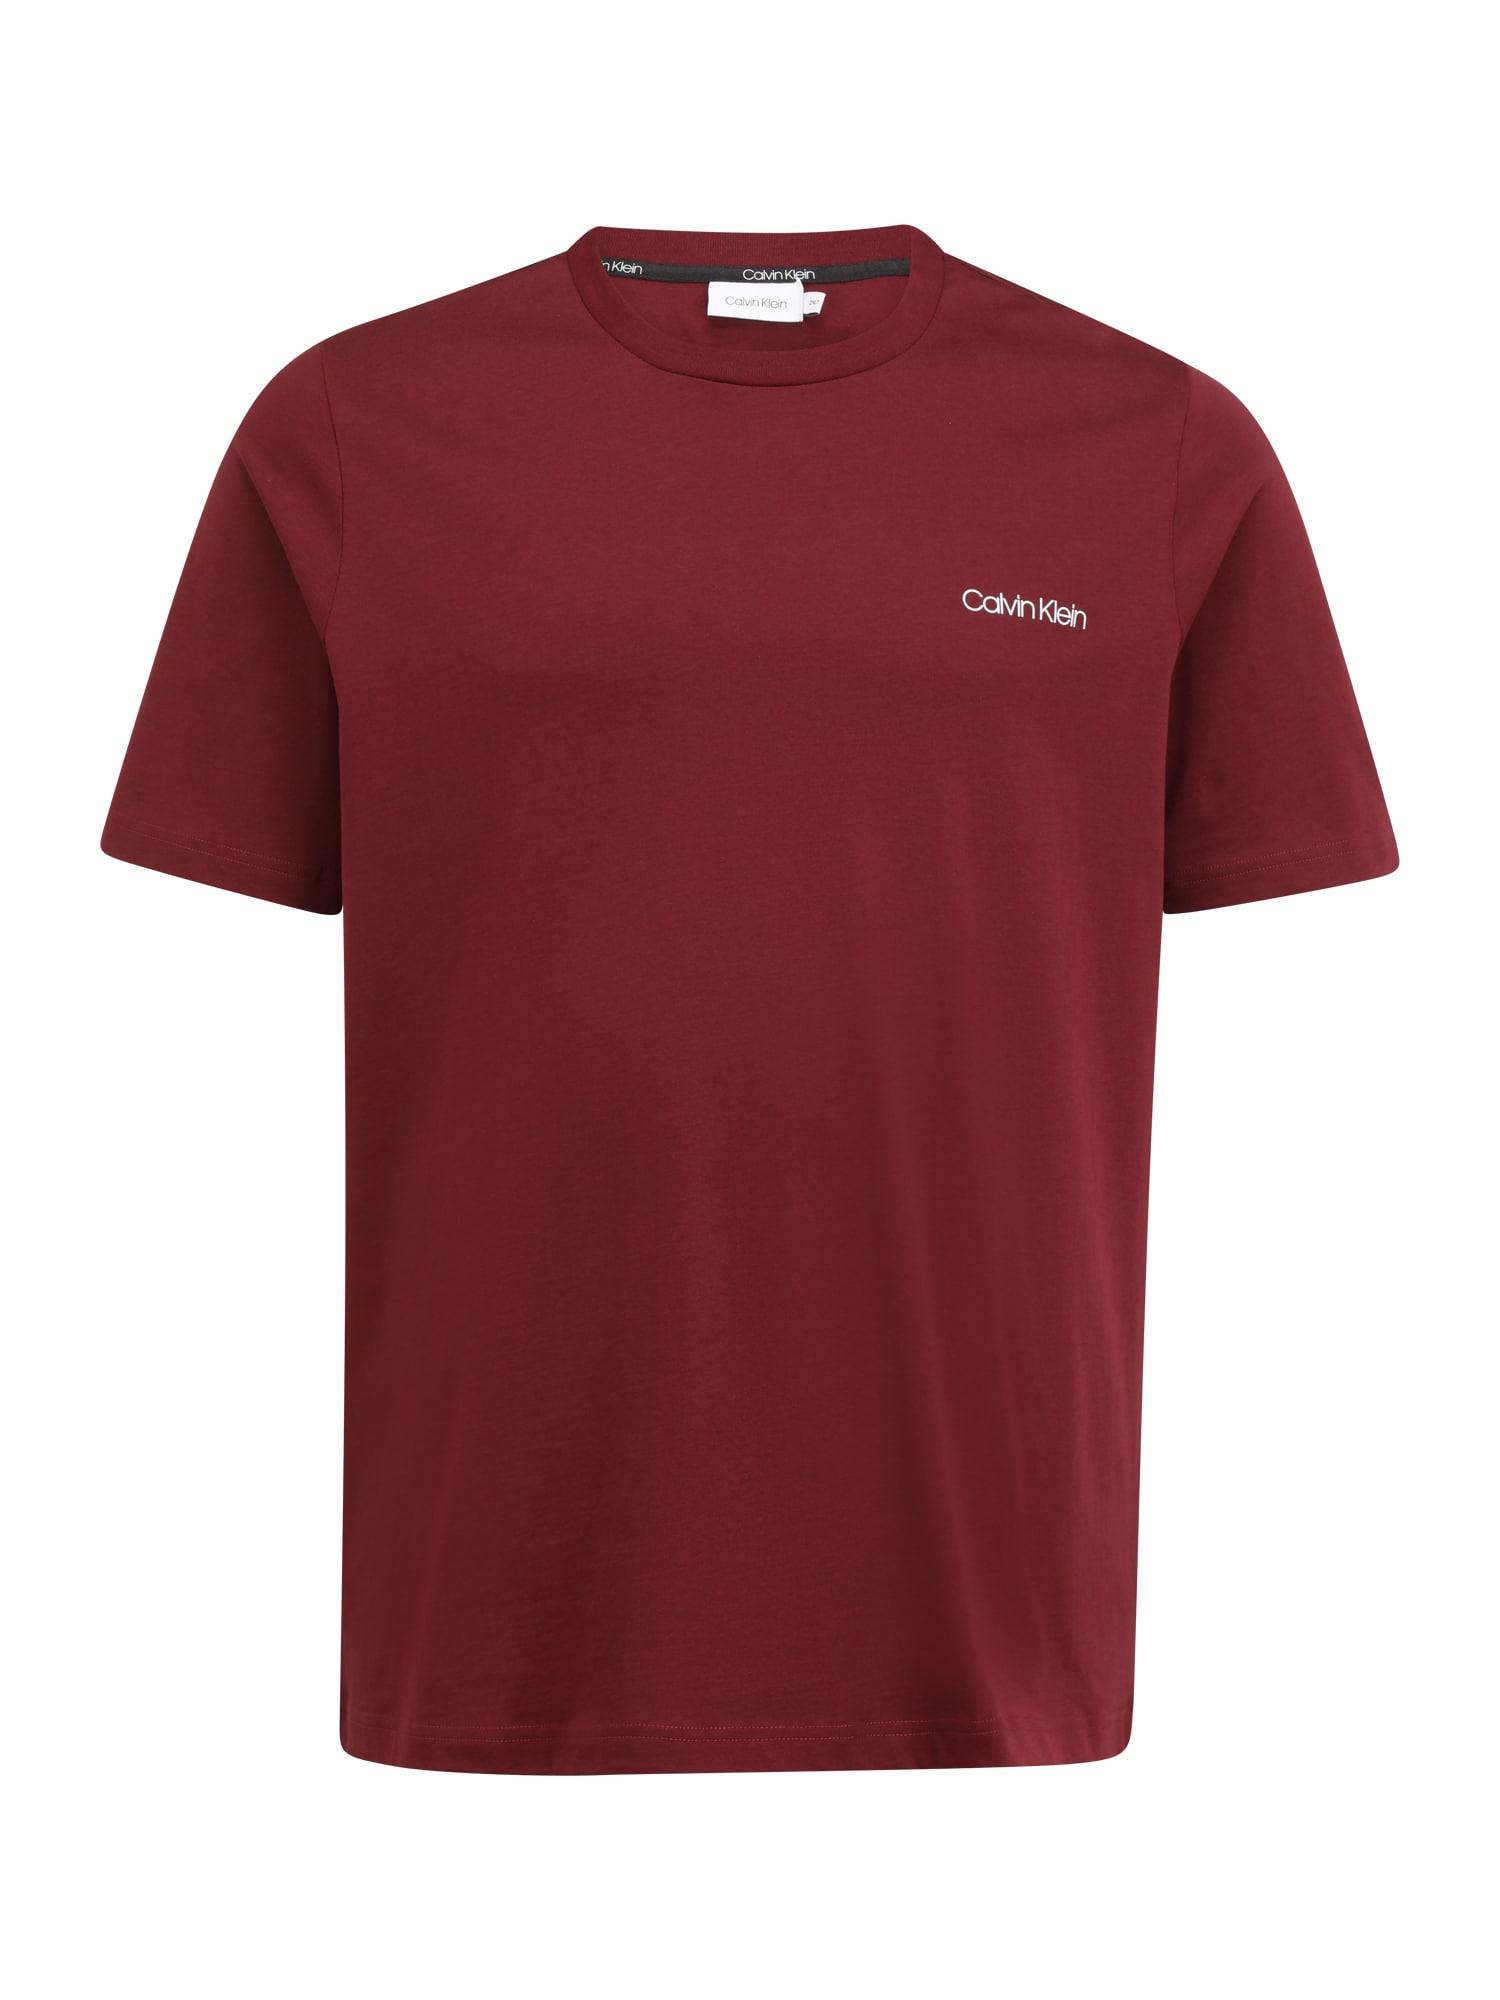 Calvin Klein Big & Tall Marškinėliai rubinų raudona / balta